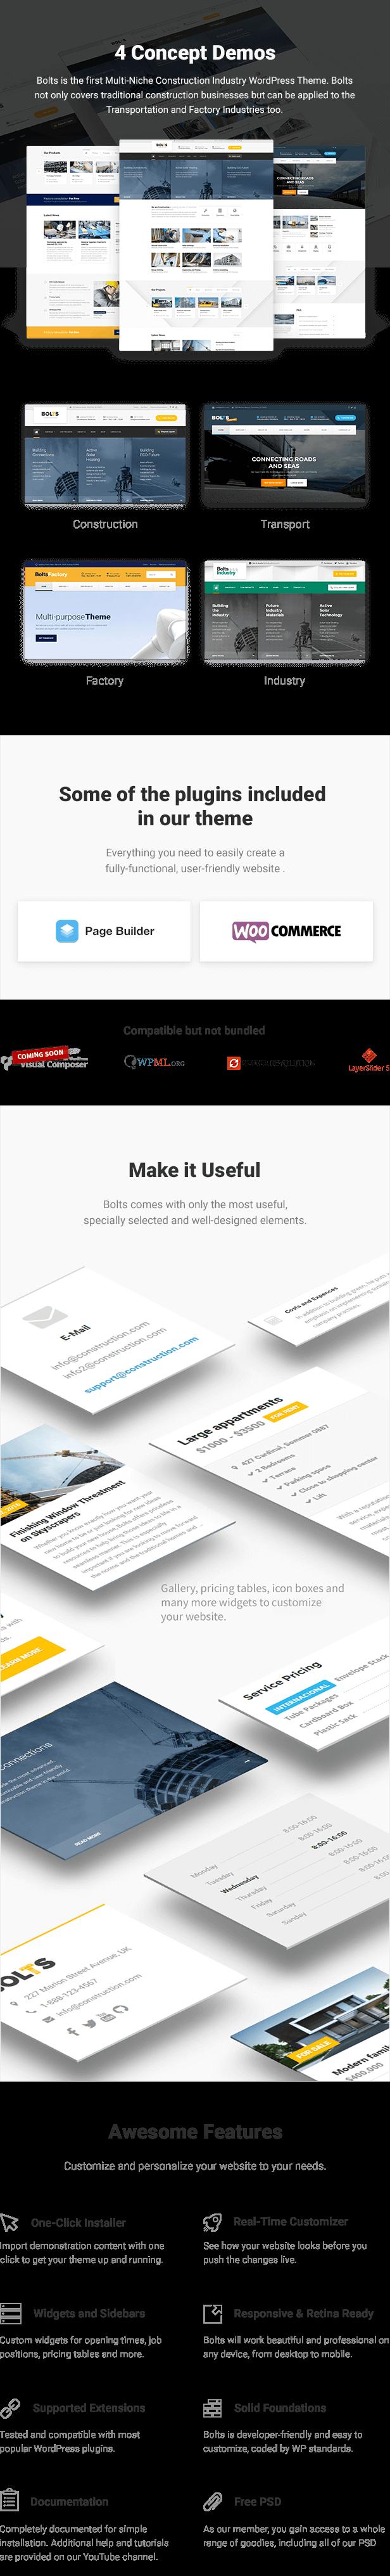 Bolts - WordPress Theme für Bau, Transport und ähnliches Geschäft - 1